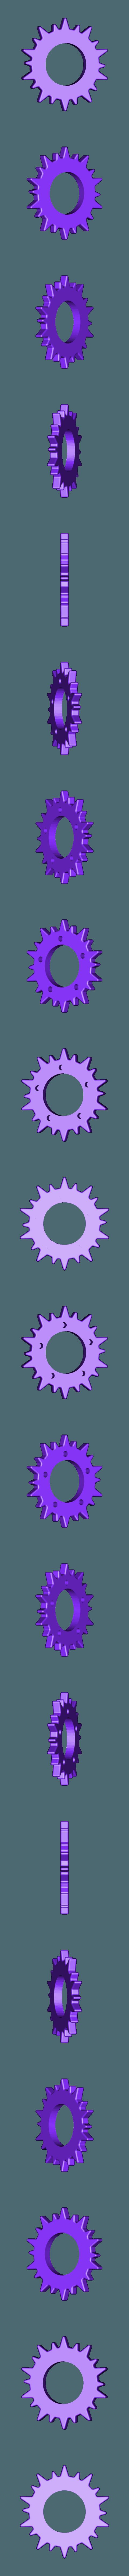 Front Cover, Compass Design, Iris Pendant.STL Télécharger fichier STL gratuit Pendentif Iris • Design pour impression 3D, potentprintables